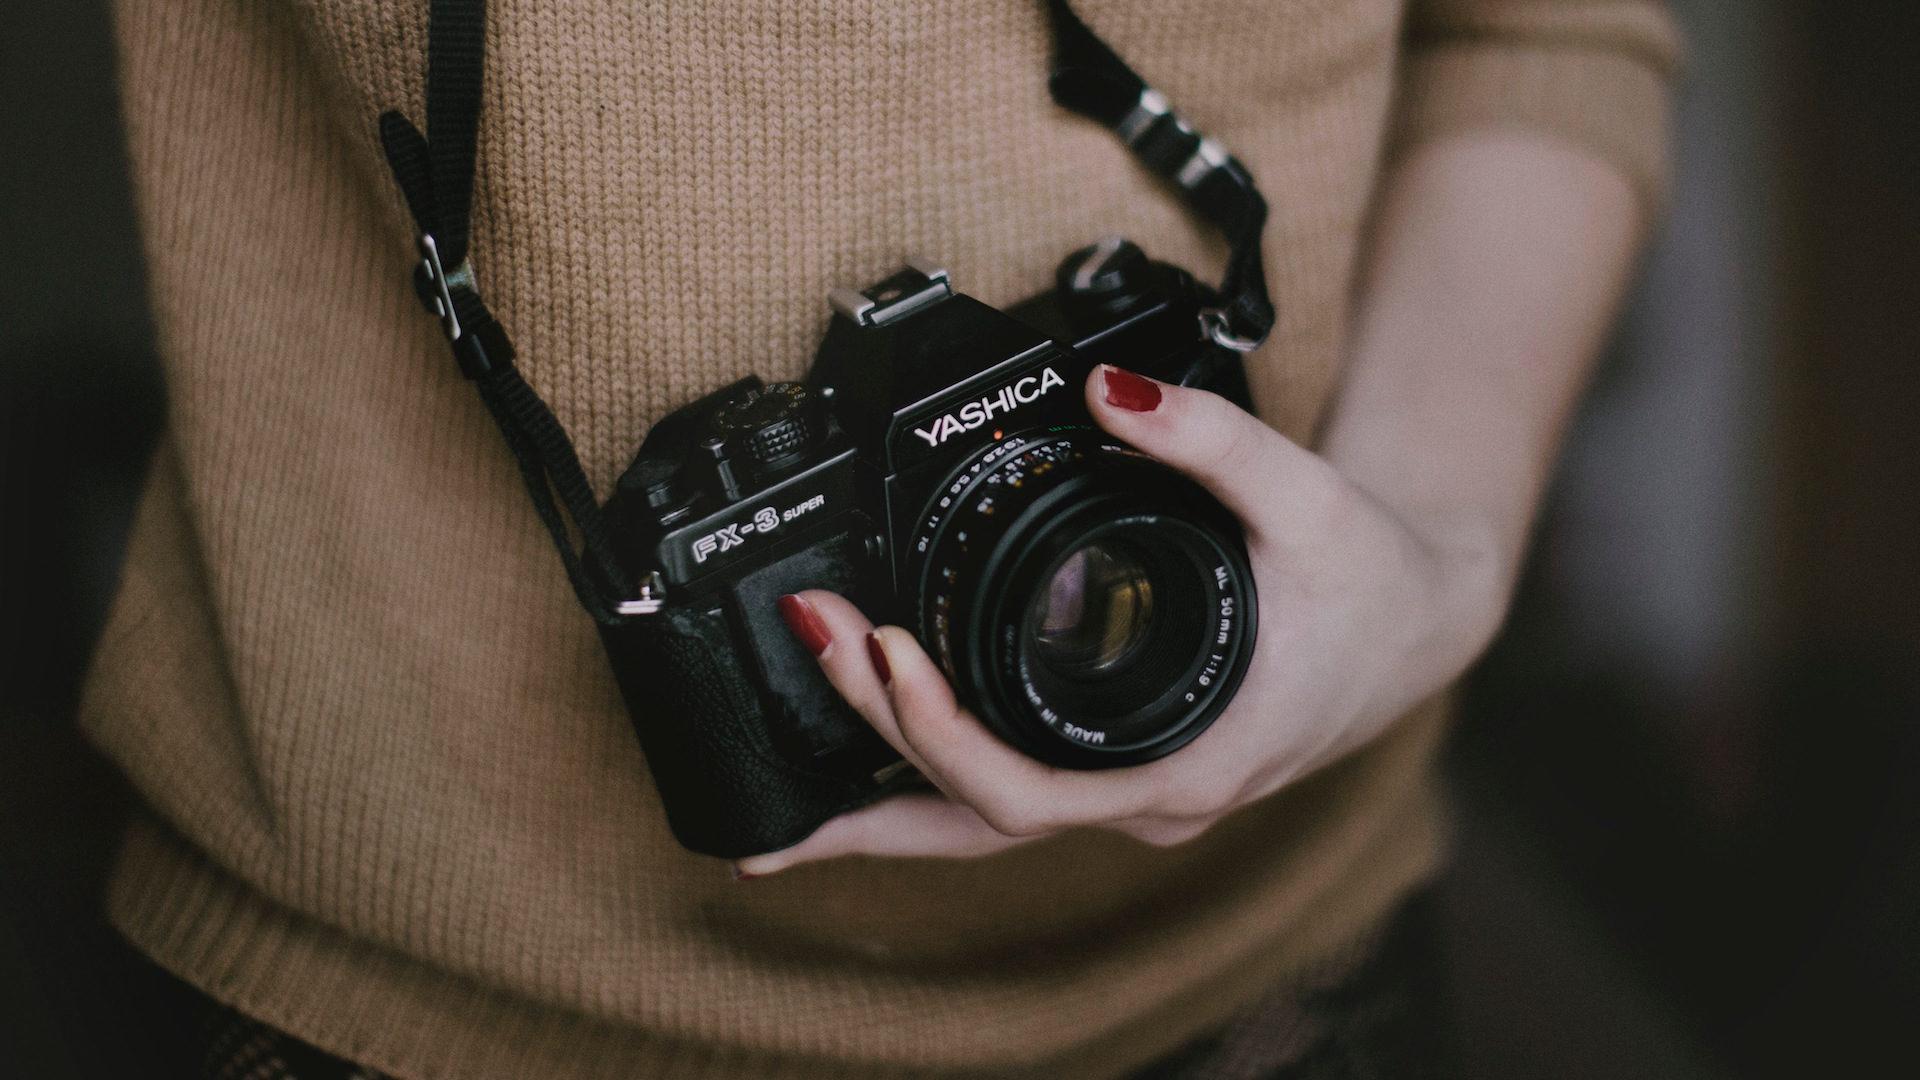 cámara, mujer, manos, fotografía, vintage - Fondos de Pantalla HD - professor-falken.com